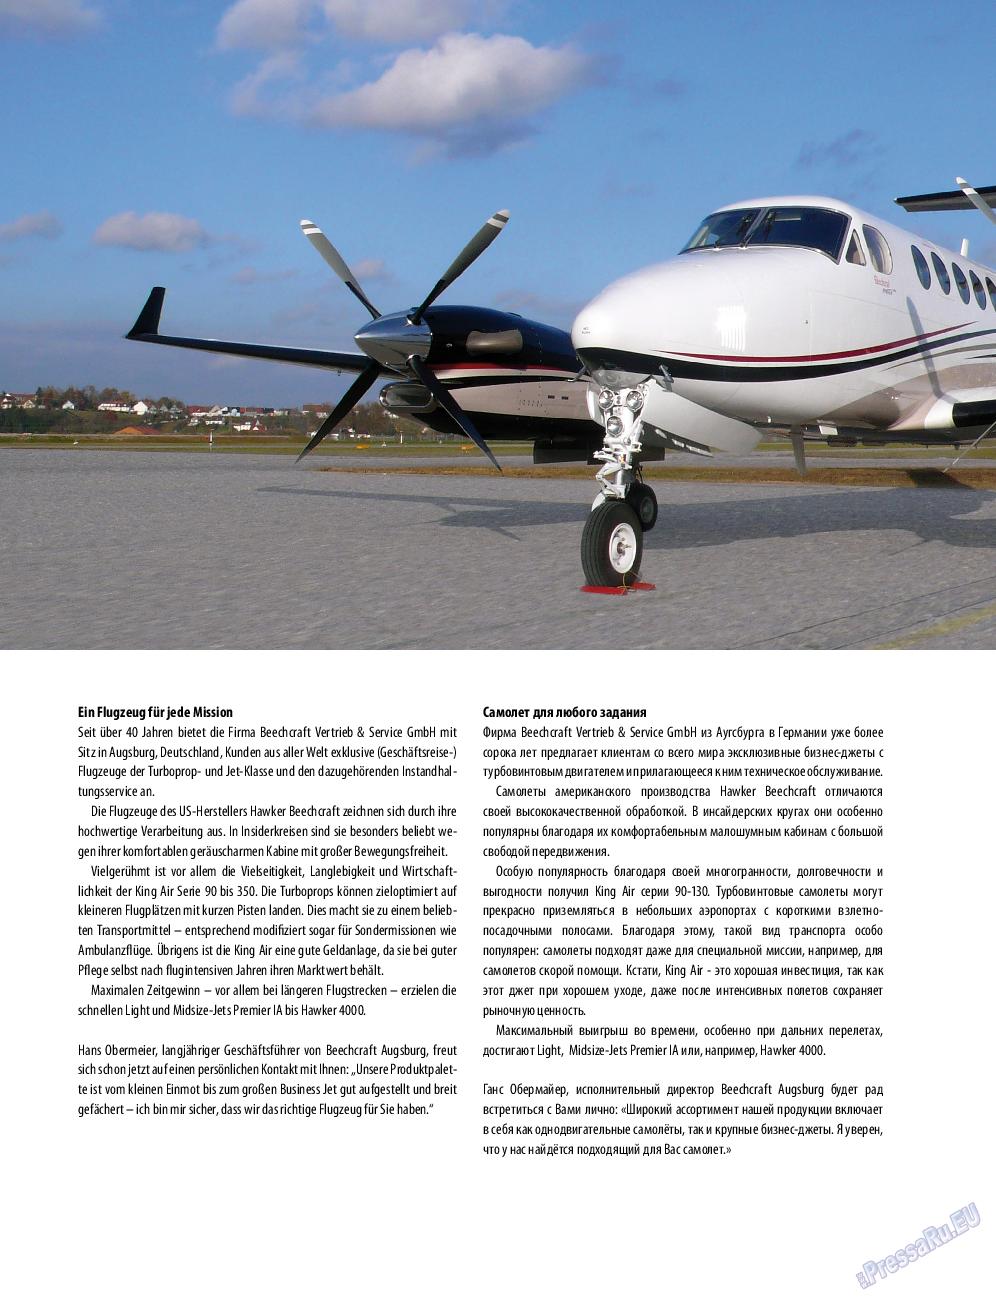 Клан (журнал). 2012 год, номер 3, стр. 82